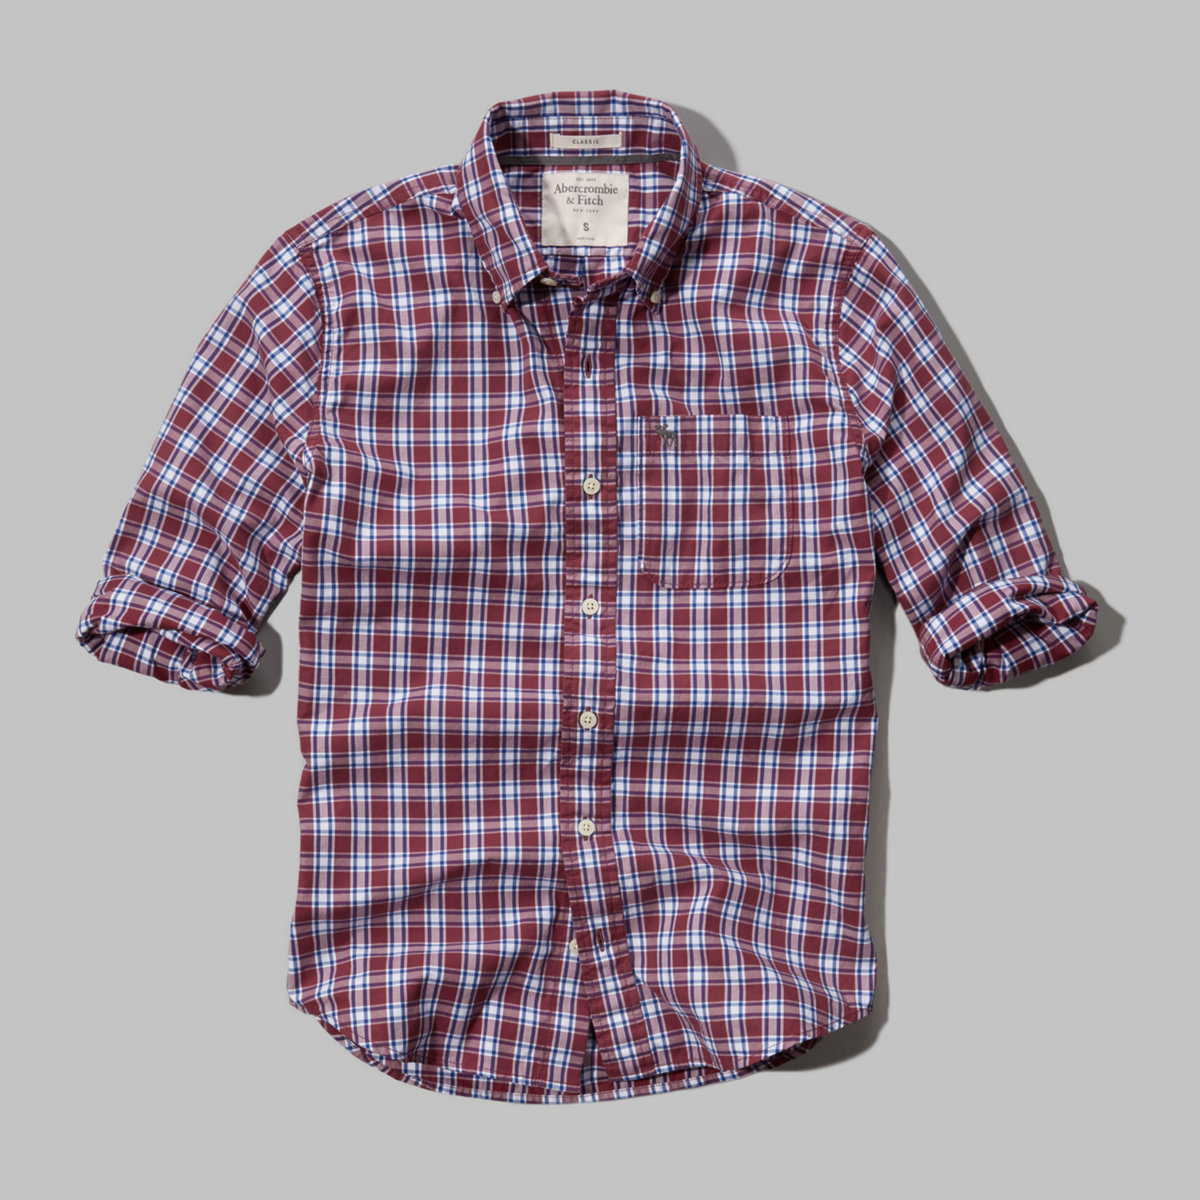 Boundary Peak Shirt